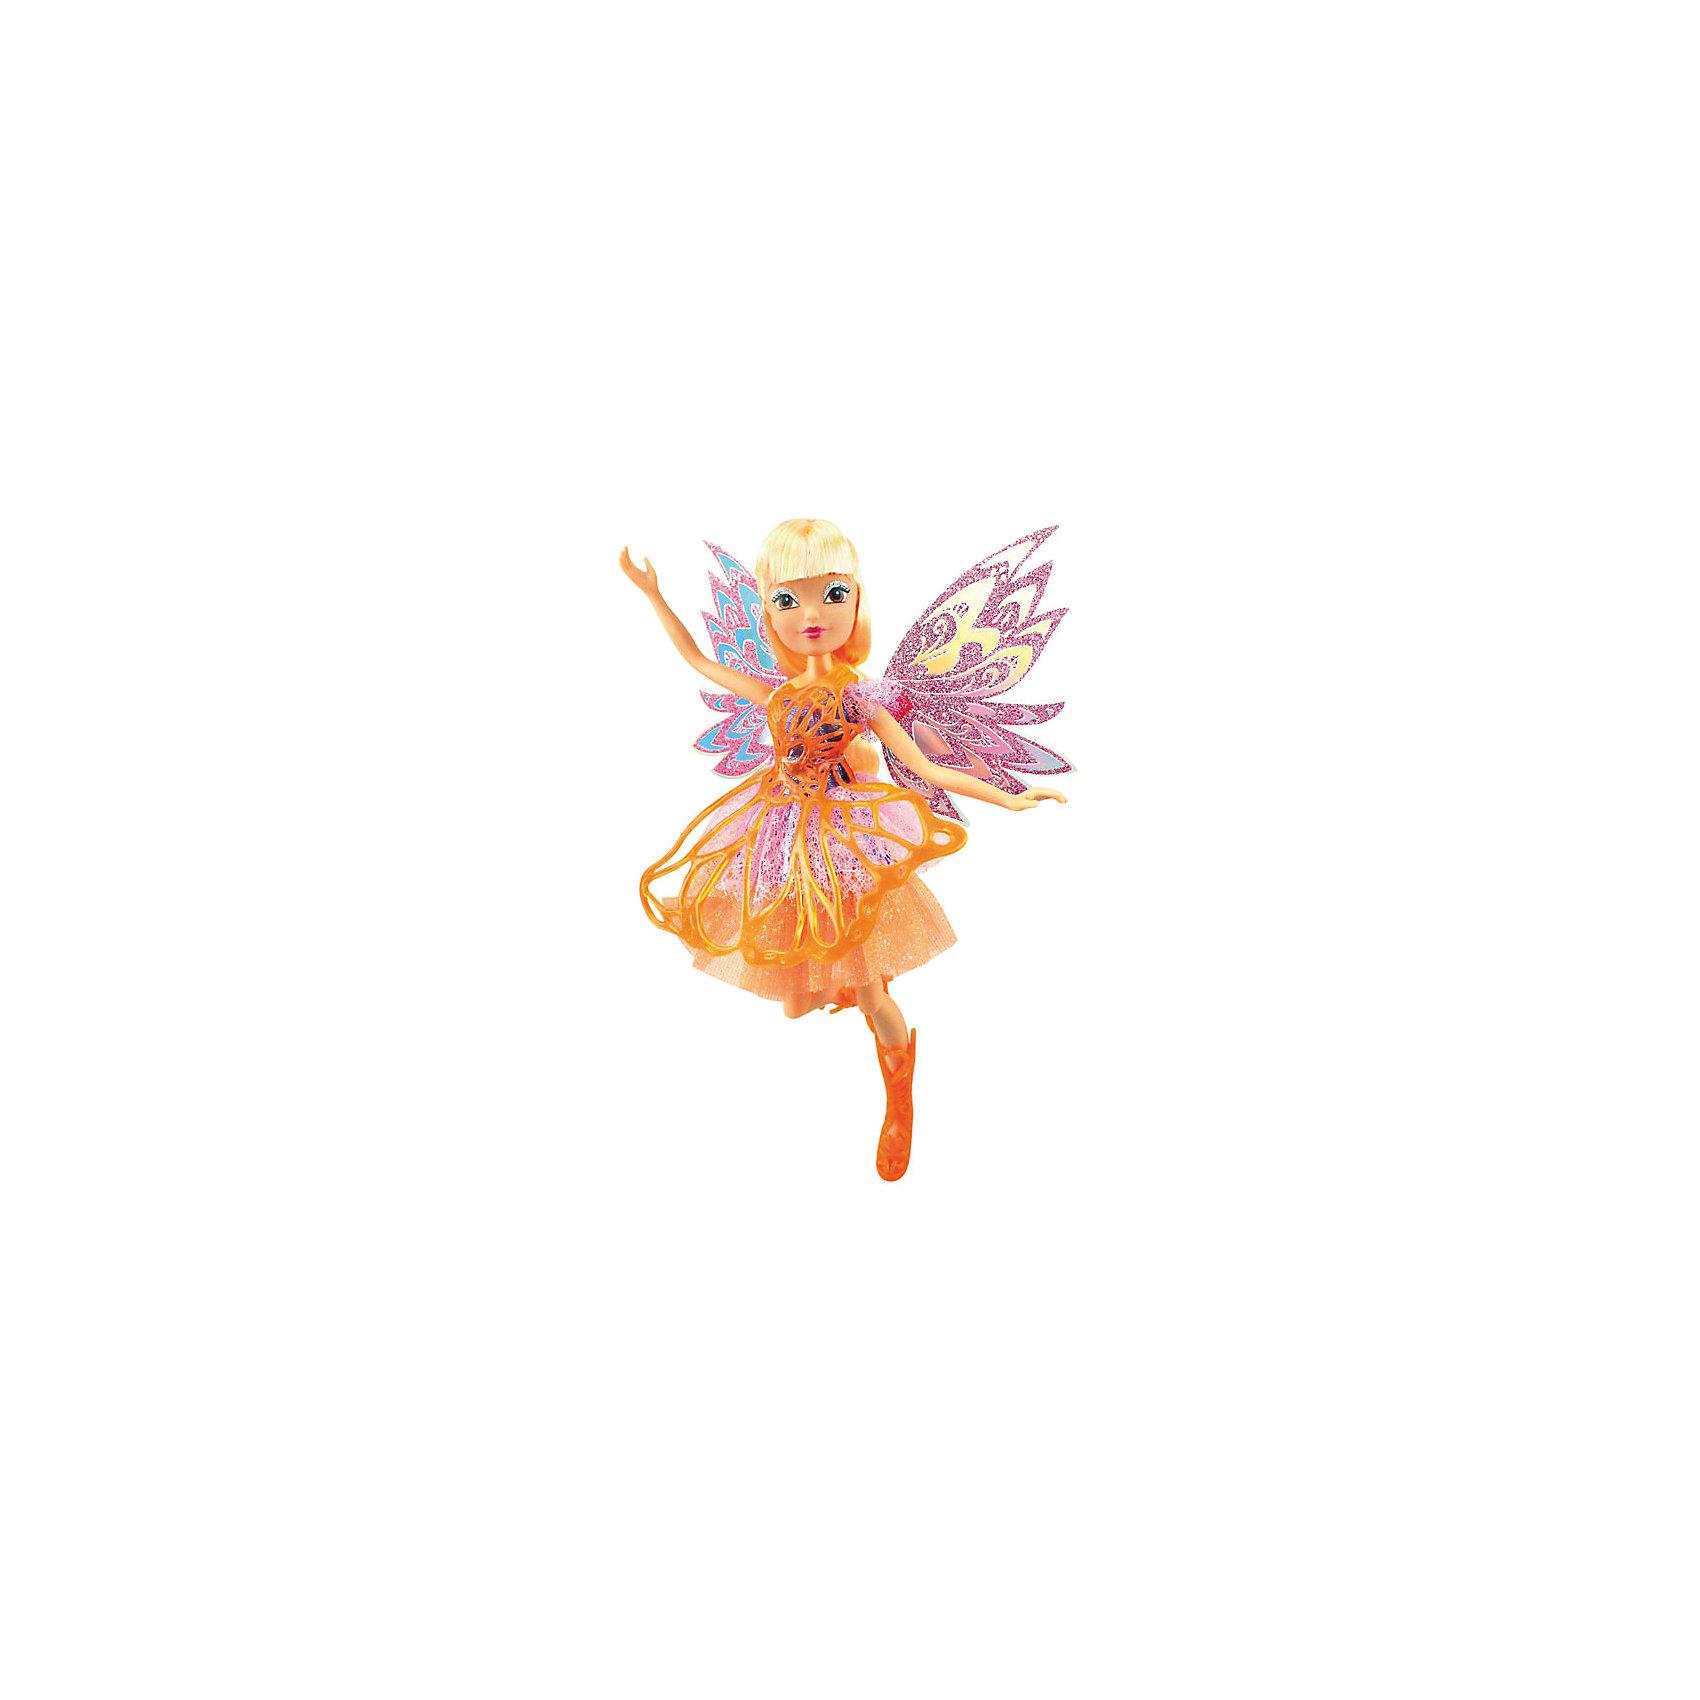 Gulliver Кукла Баттерфликс-2. Двойные крылья Flora, Winx Club gulliver кукла баттерфликс 2 двойные крылья flora winx club